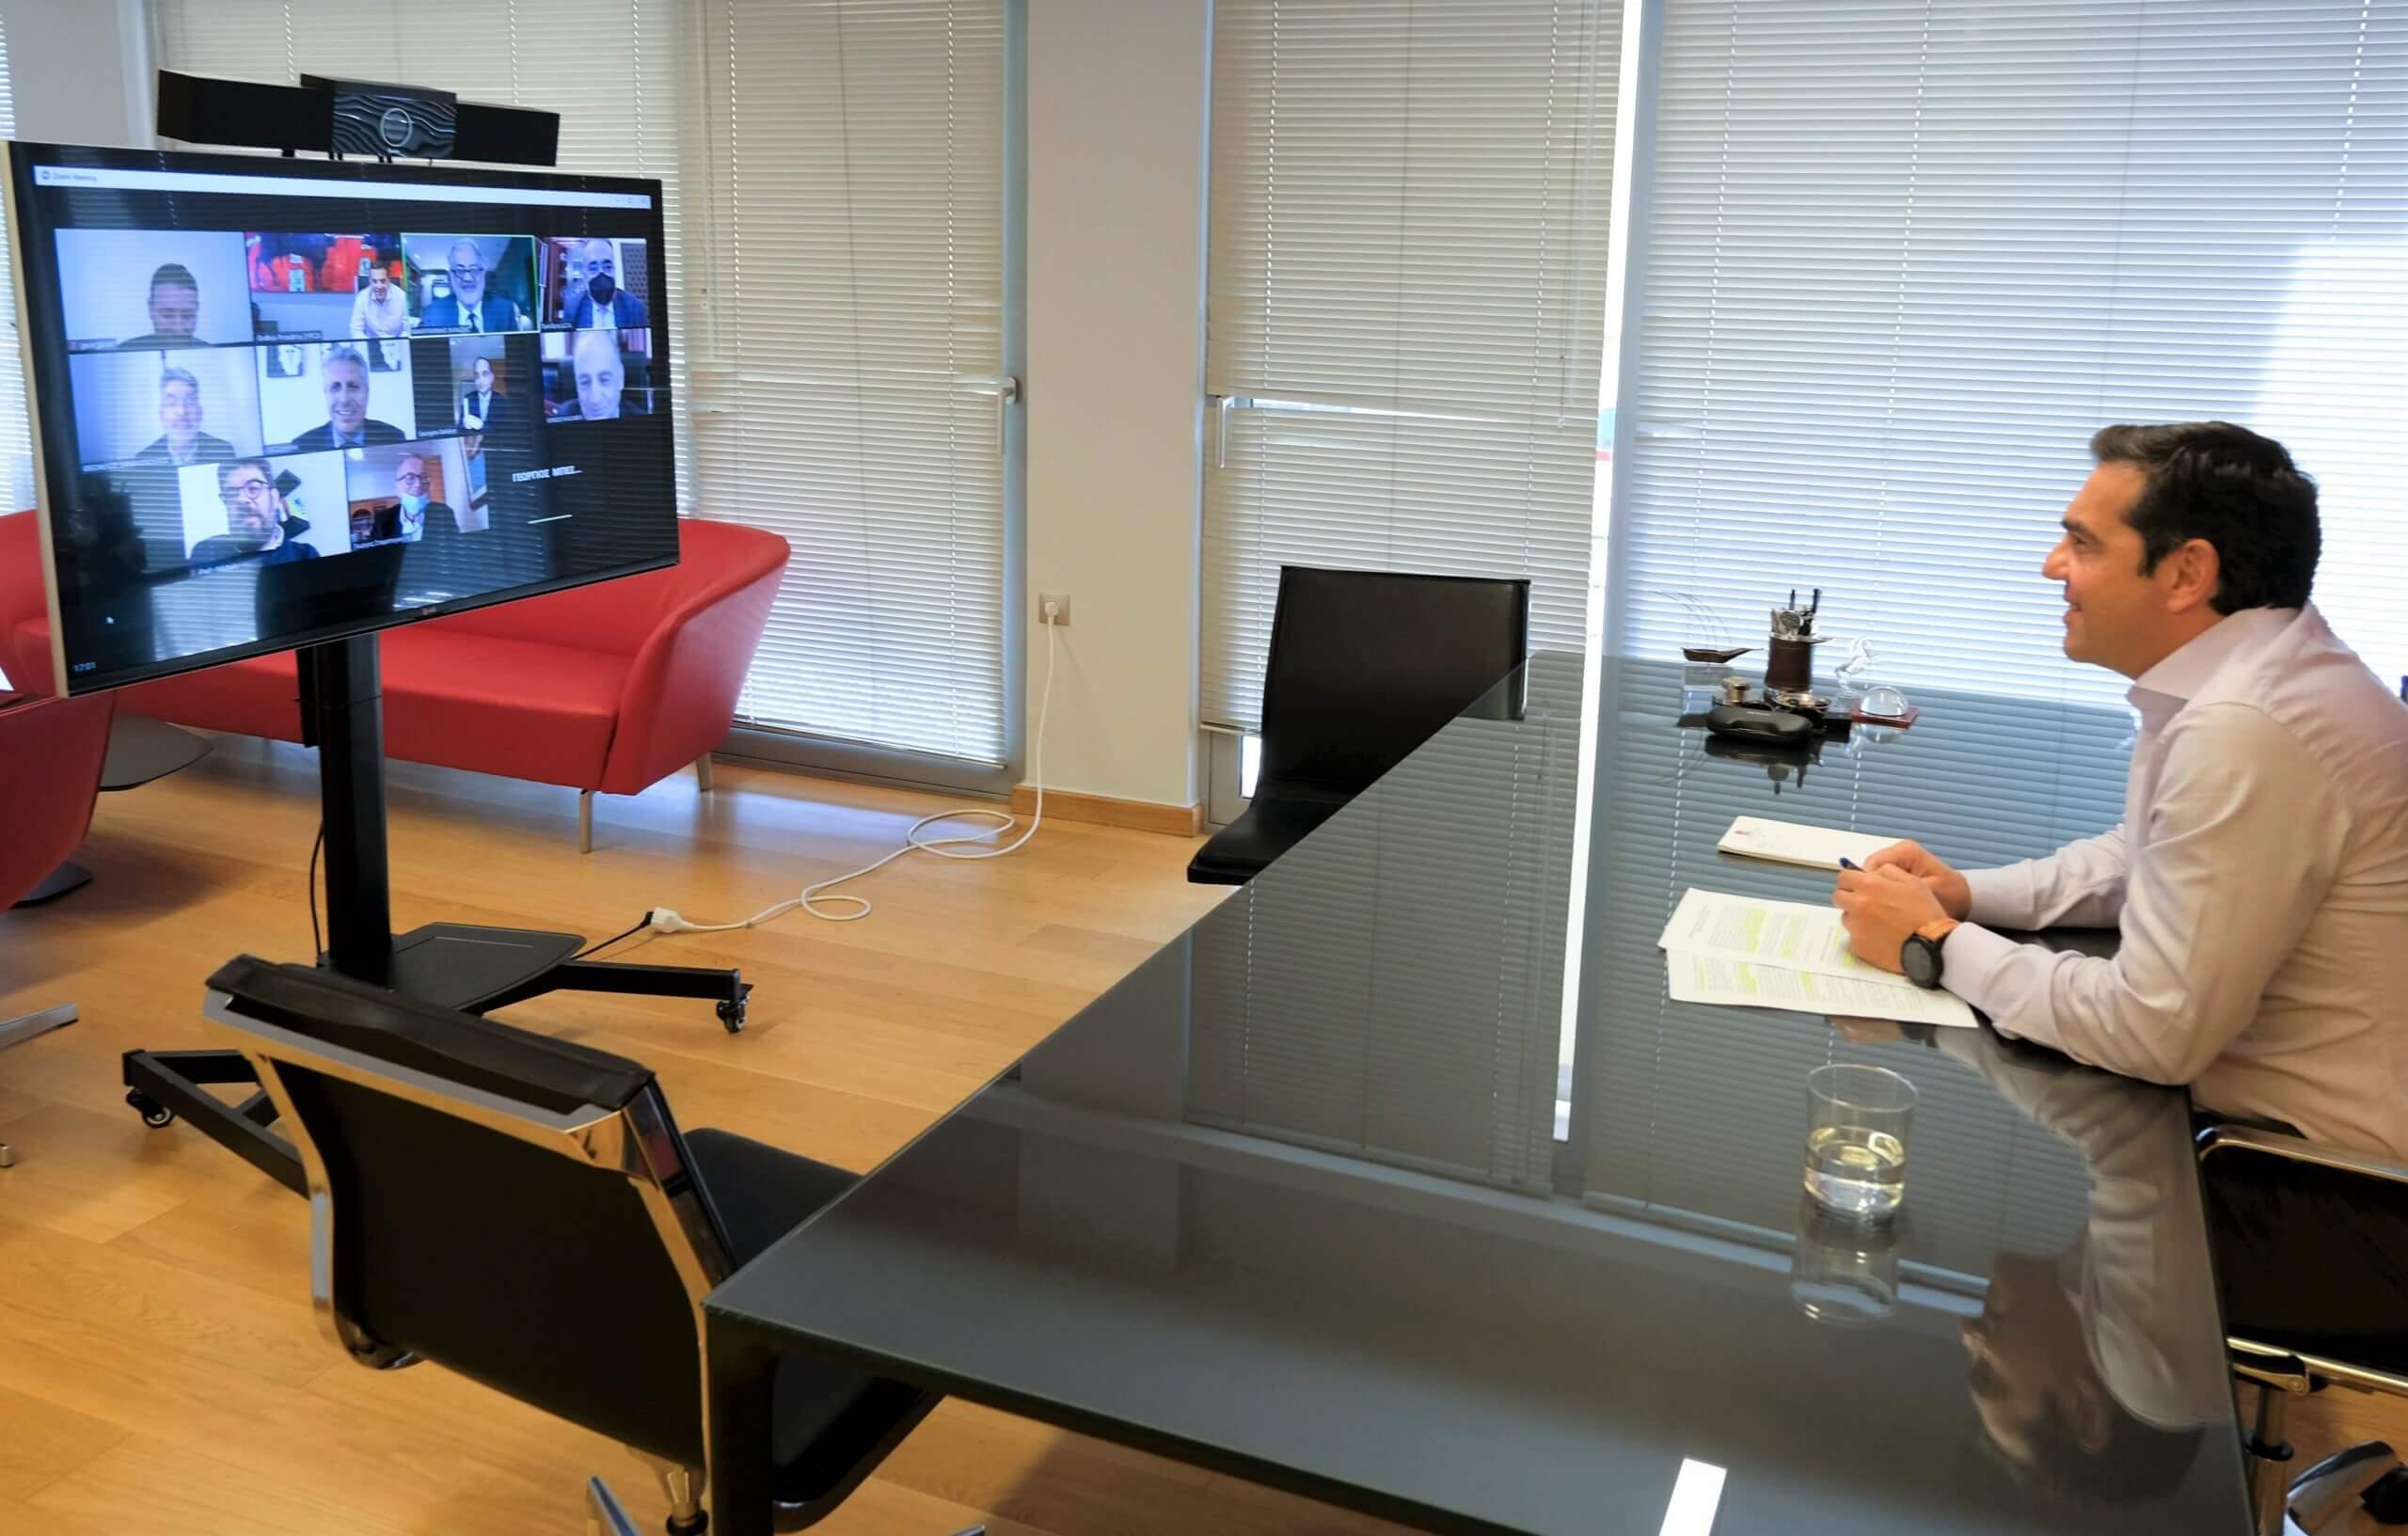 Συνάντηση του Προέδρου του ΣΥΡΙΖΑ - Αλ. Τσίπρα με τη Συντονιστική Επιτροπή της Ολομέλειας των Δικηγορικών Συλλόγων